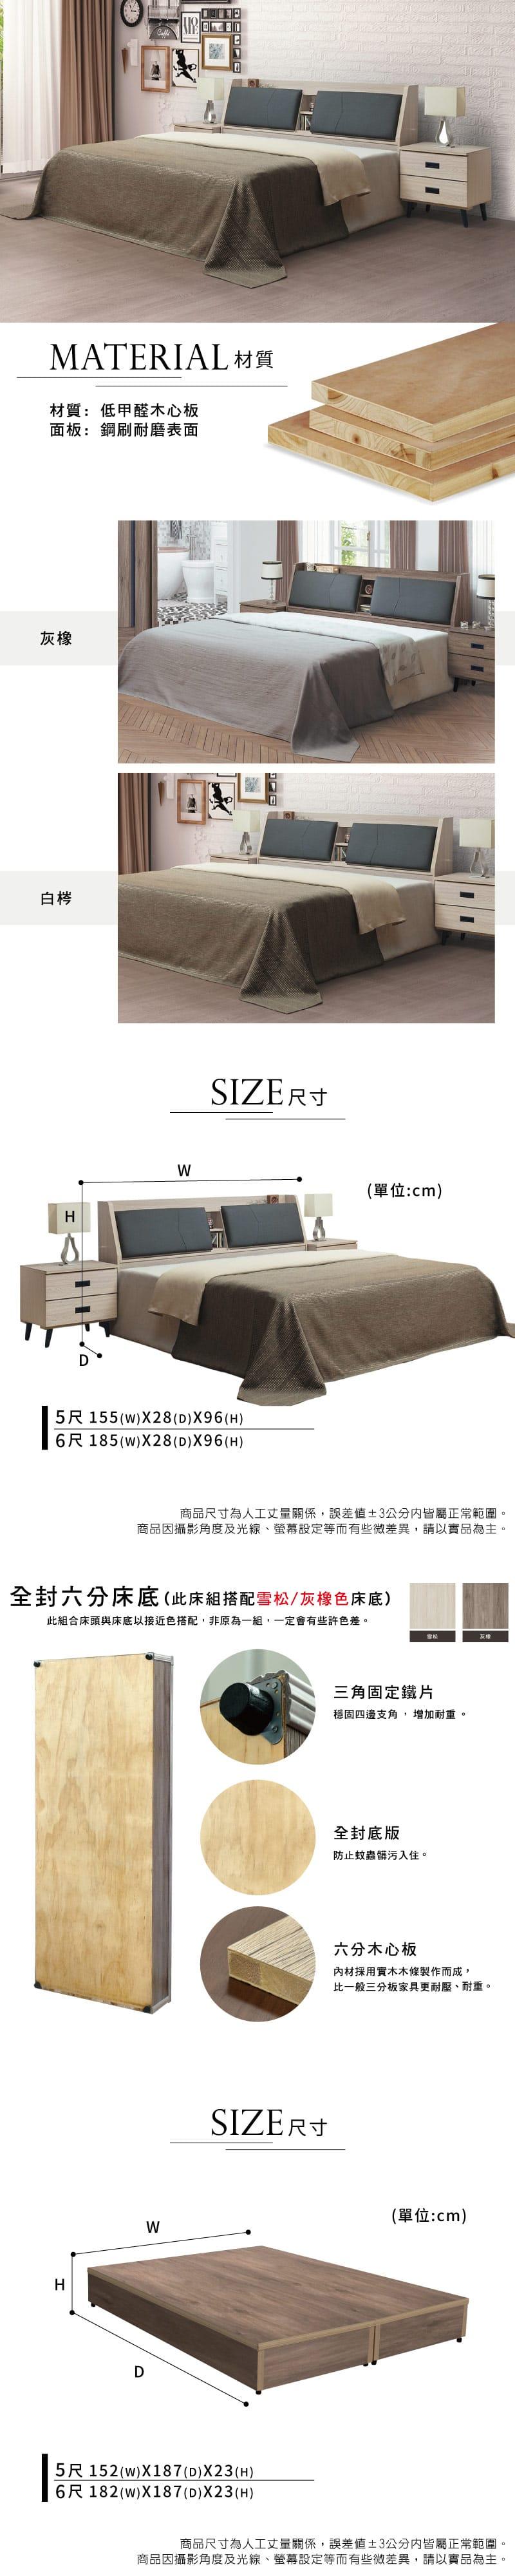 貓抓皮收納床組兩件 雙人加大6尺(床頭箱+床底)【威爾】